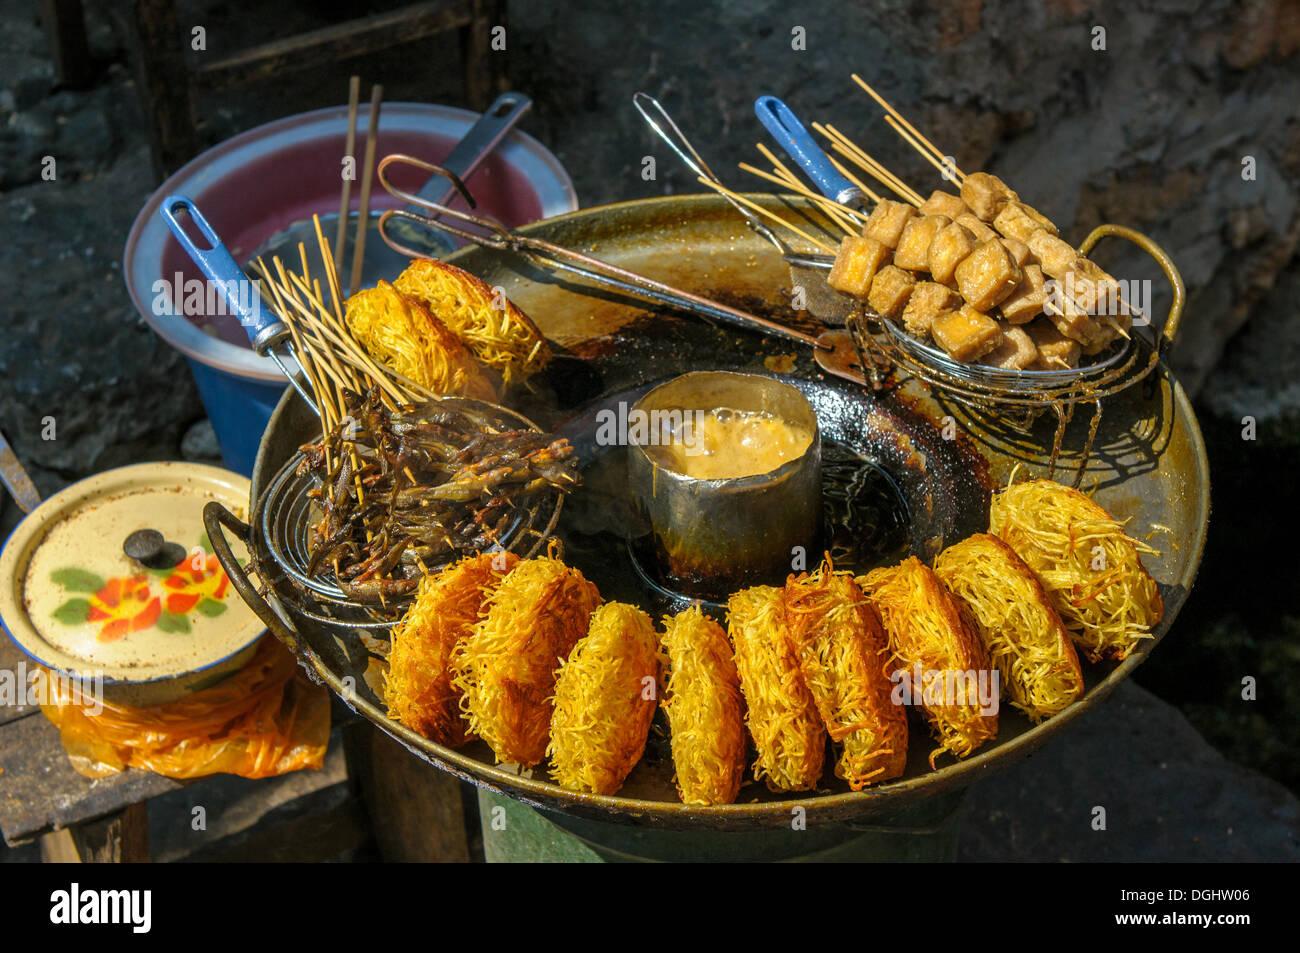 Street food in Lijiang, Yunnan, China - Stock Image